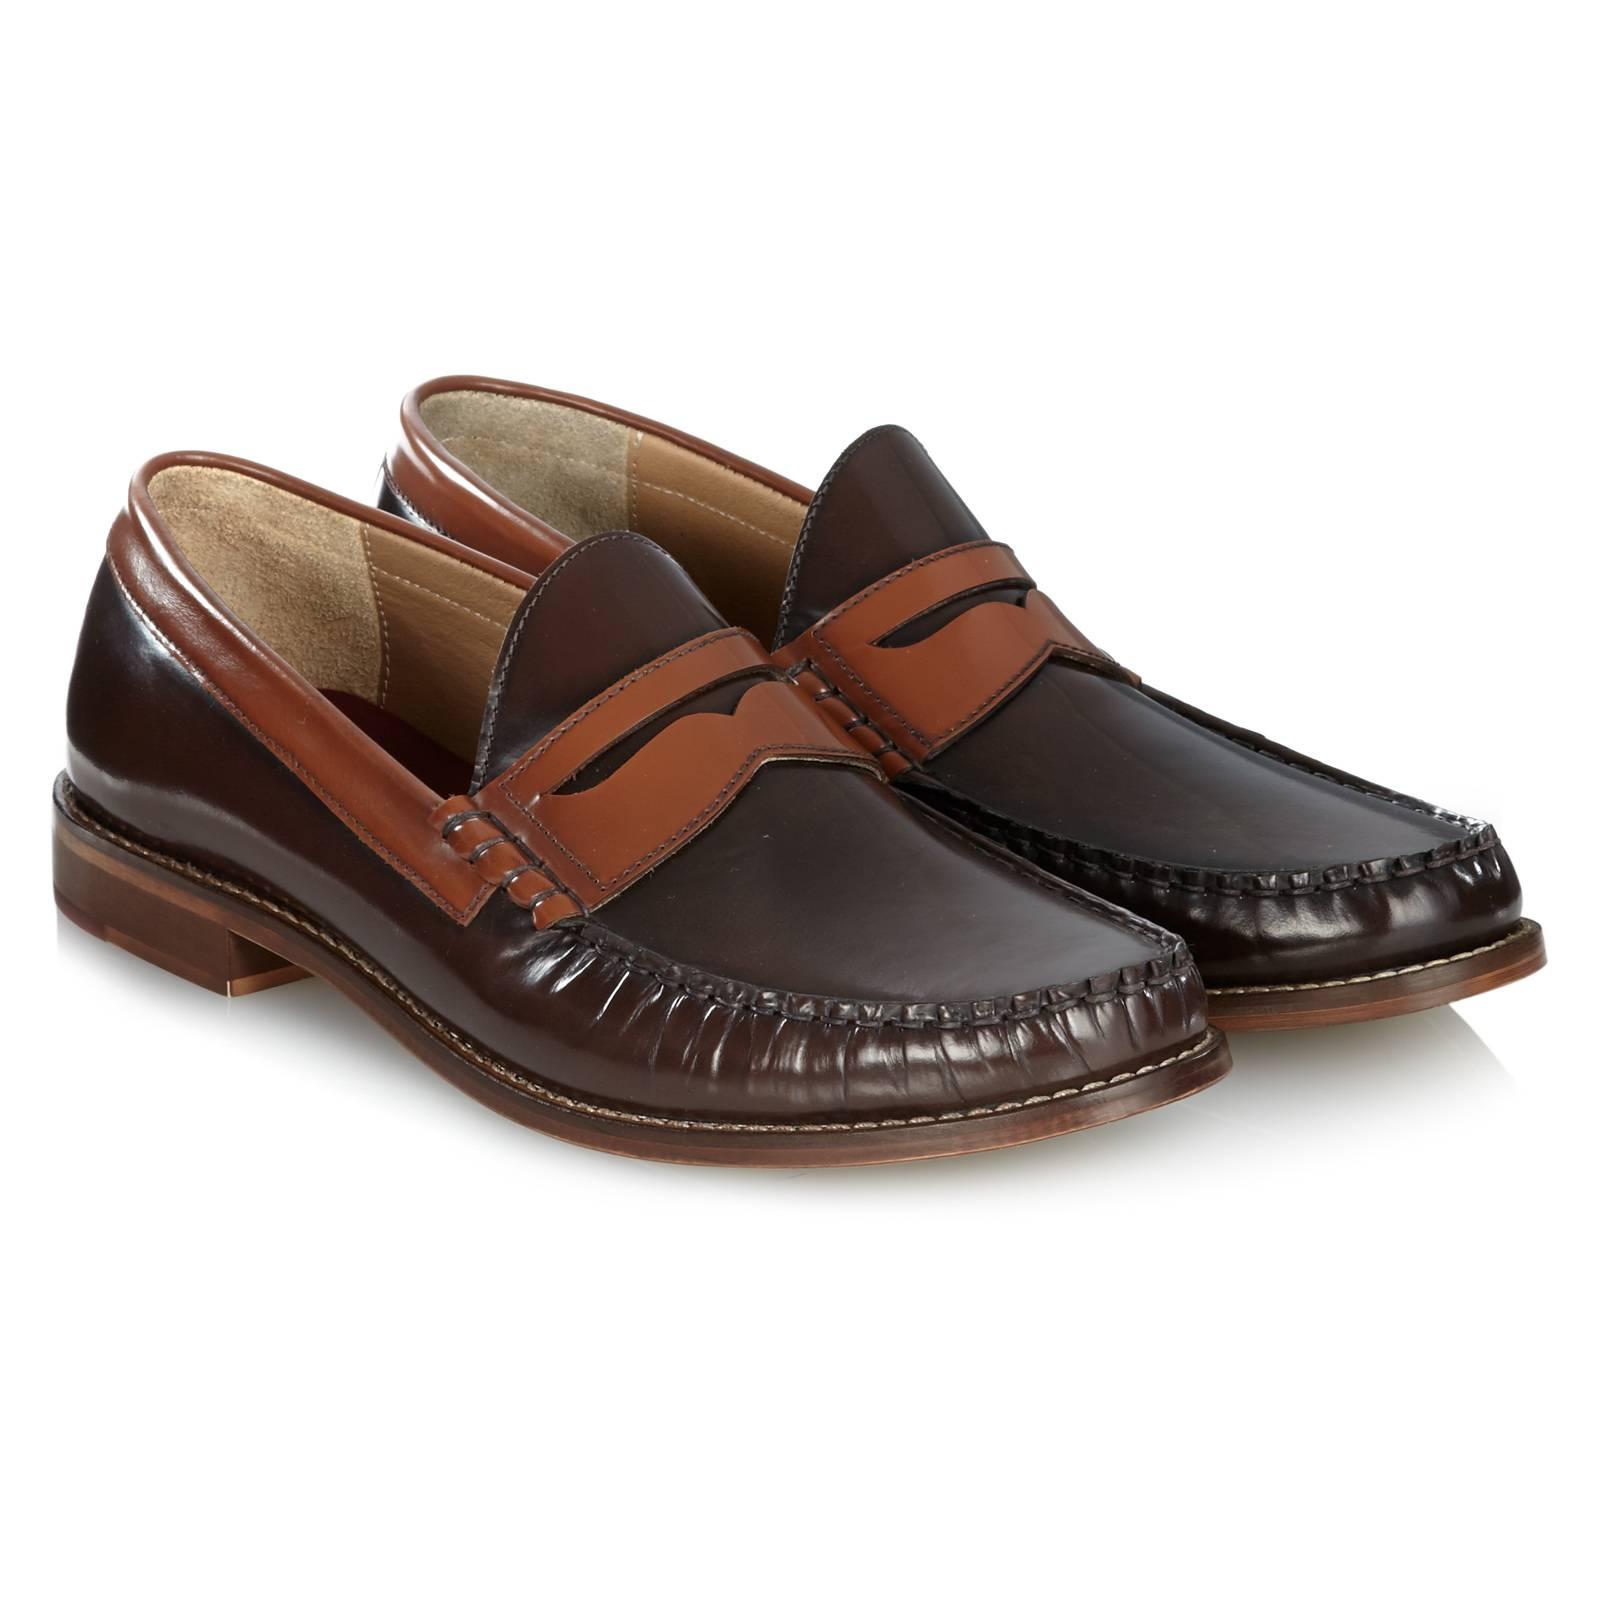 Лоферы Soho IIОбувь<br>Современная интерпретация знаменитой модели Penny Loafers - аутентичной кожаной обуви, по форме напоминающей мокасины. &amp;lt;br /&amp;gt;<br>&amp;lt;br /&amp;gt;<br>Произведены в Испании из высококачественной кожи с легким эффектом глянцевого отлива.&amp;lt;br /&amp;gt;<br>&amp;lt;br /&amp;gt;<br>Контрастные, пришитые к основанию накладки вносят разнообразие и неформальную струю в классическую форму, что позволяет носить эти лоферы не только с брюками, рубашками и пиджаками, но также с джинсами и поло.<br><br>Артикул: 0914102<br>Материал: 100% кожа<br>Цвет: коричневый<br>Пол: Мужской